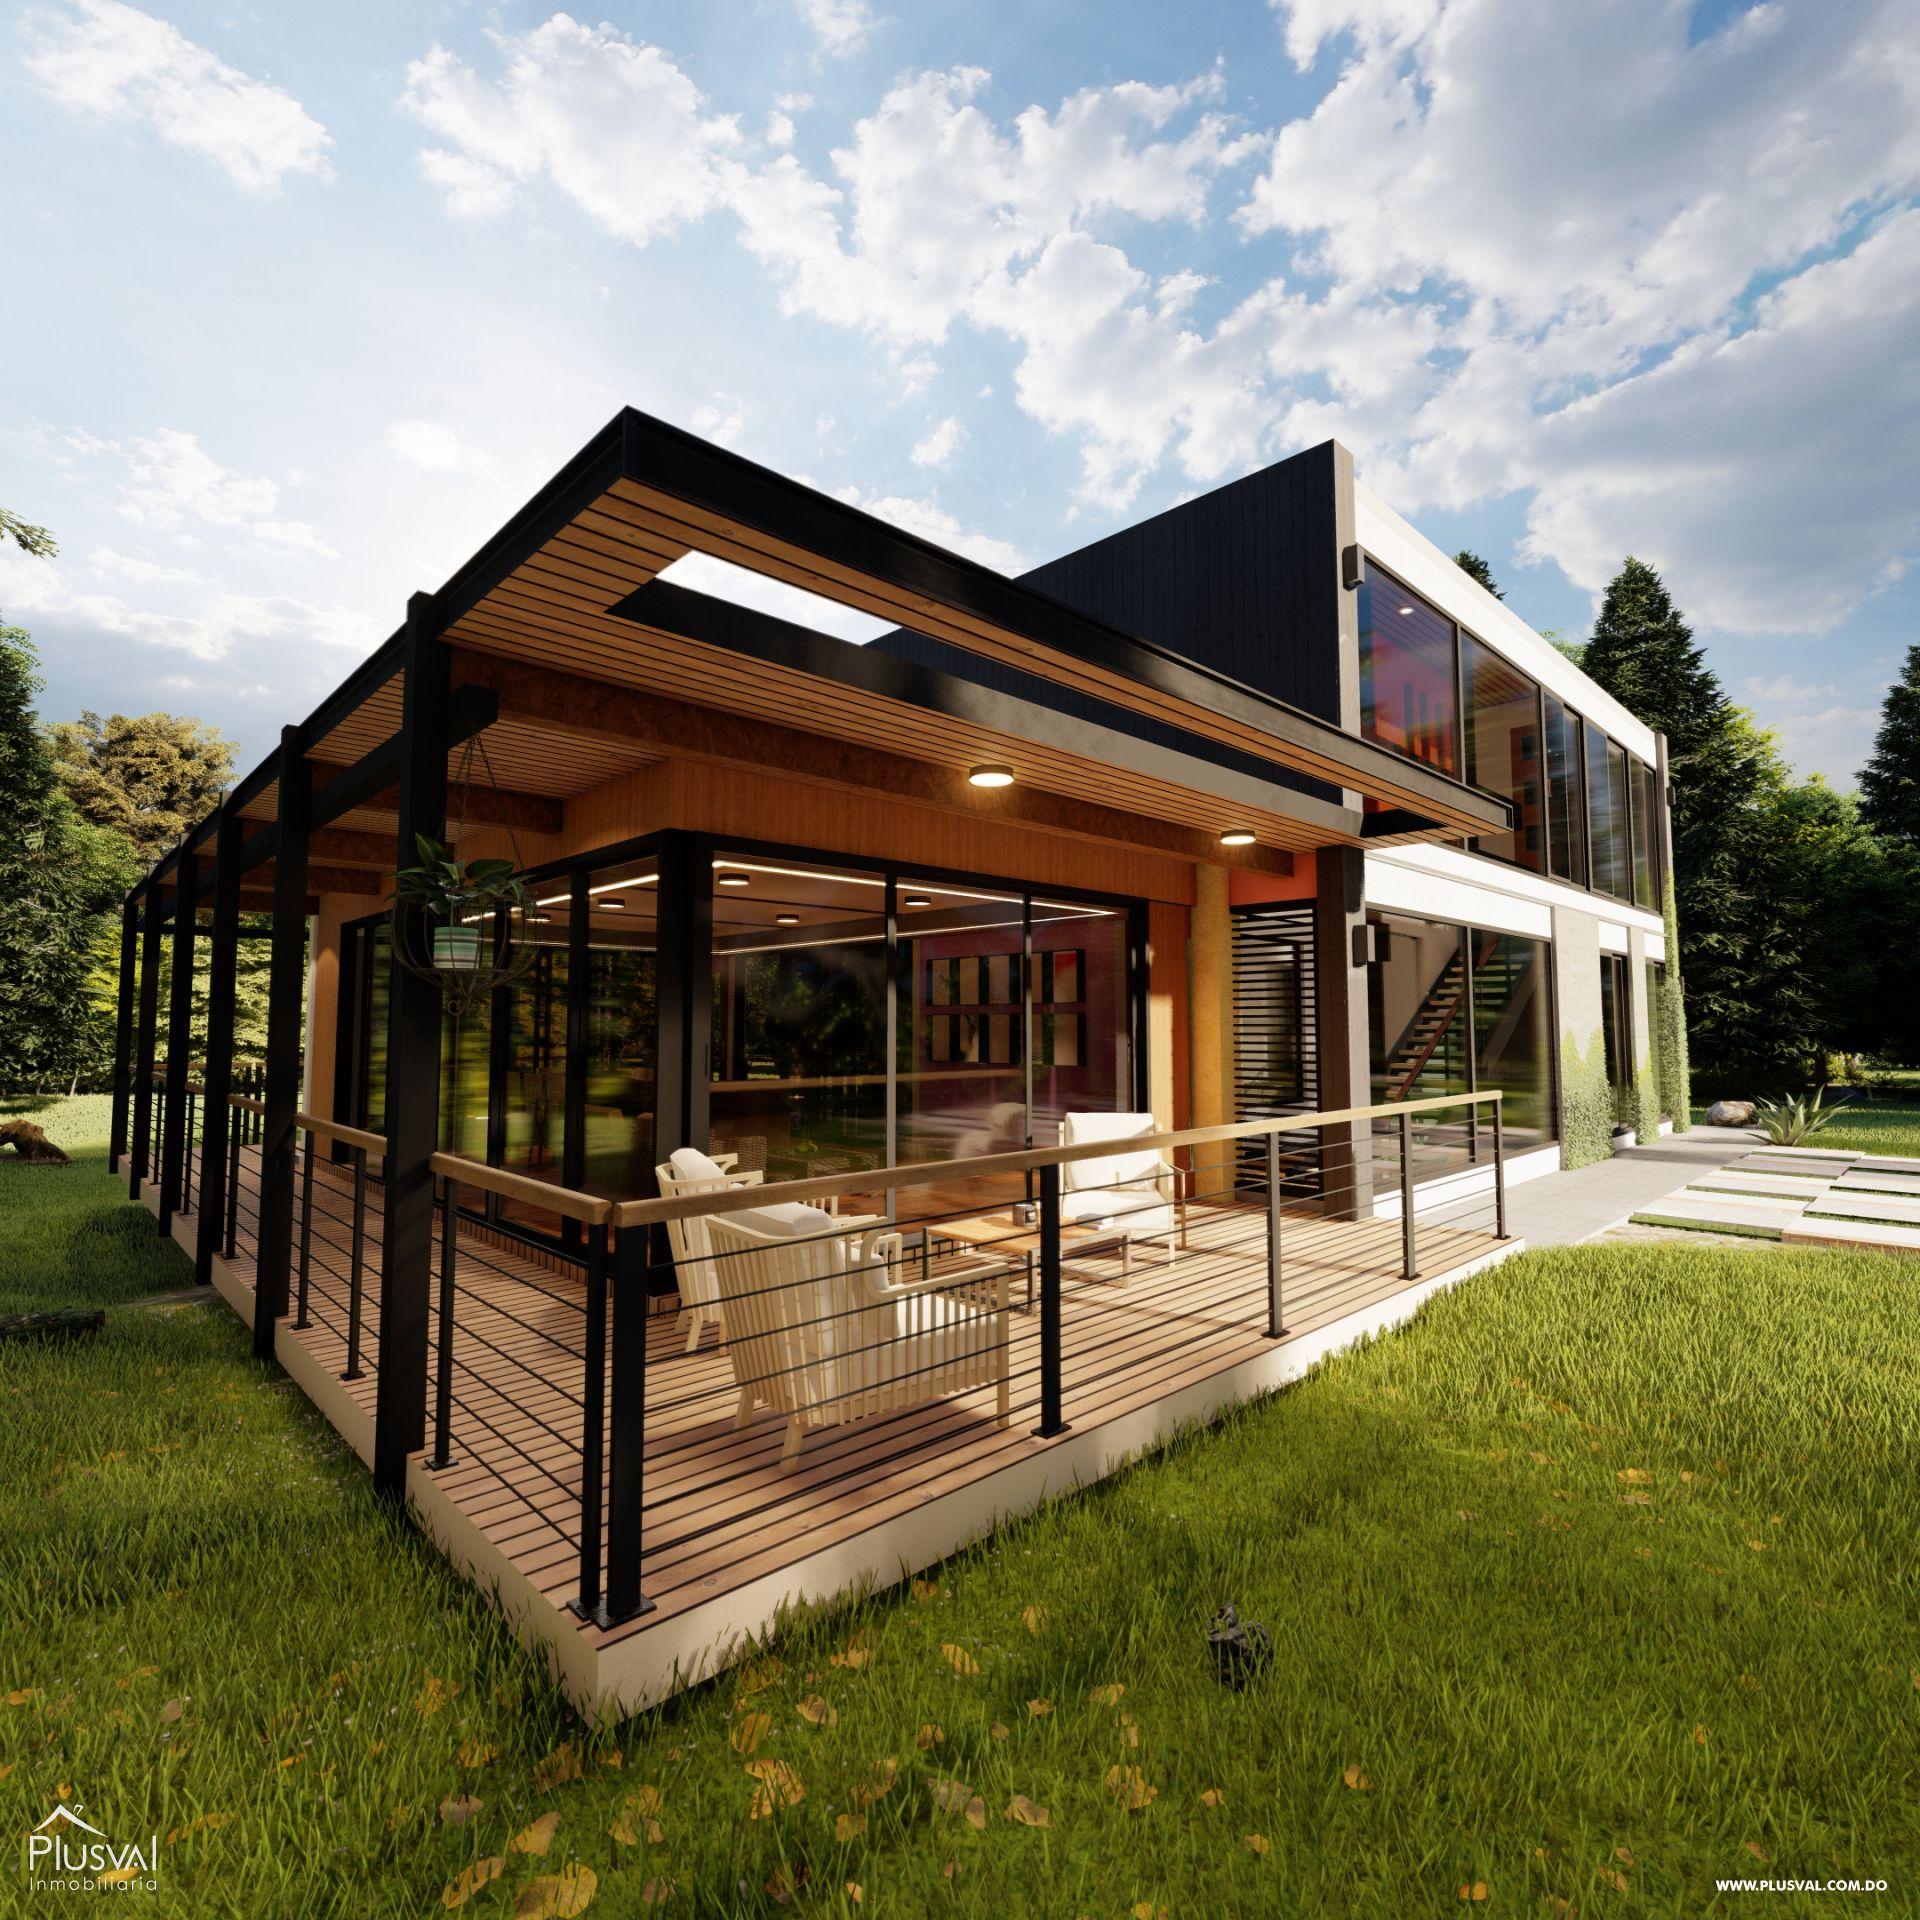 Villas en Jarabacoa con excelente diseño e inmejorable ubicación 159139